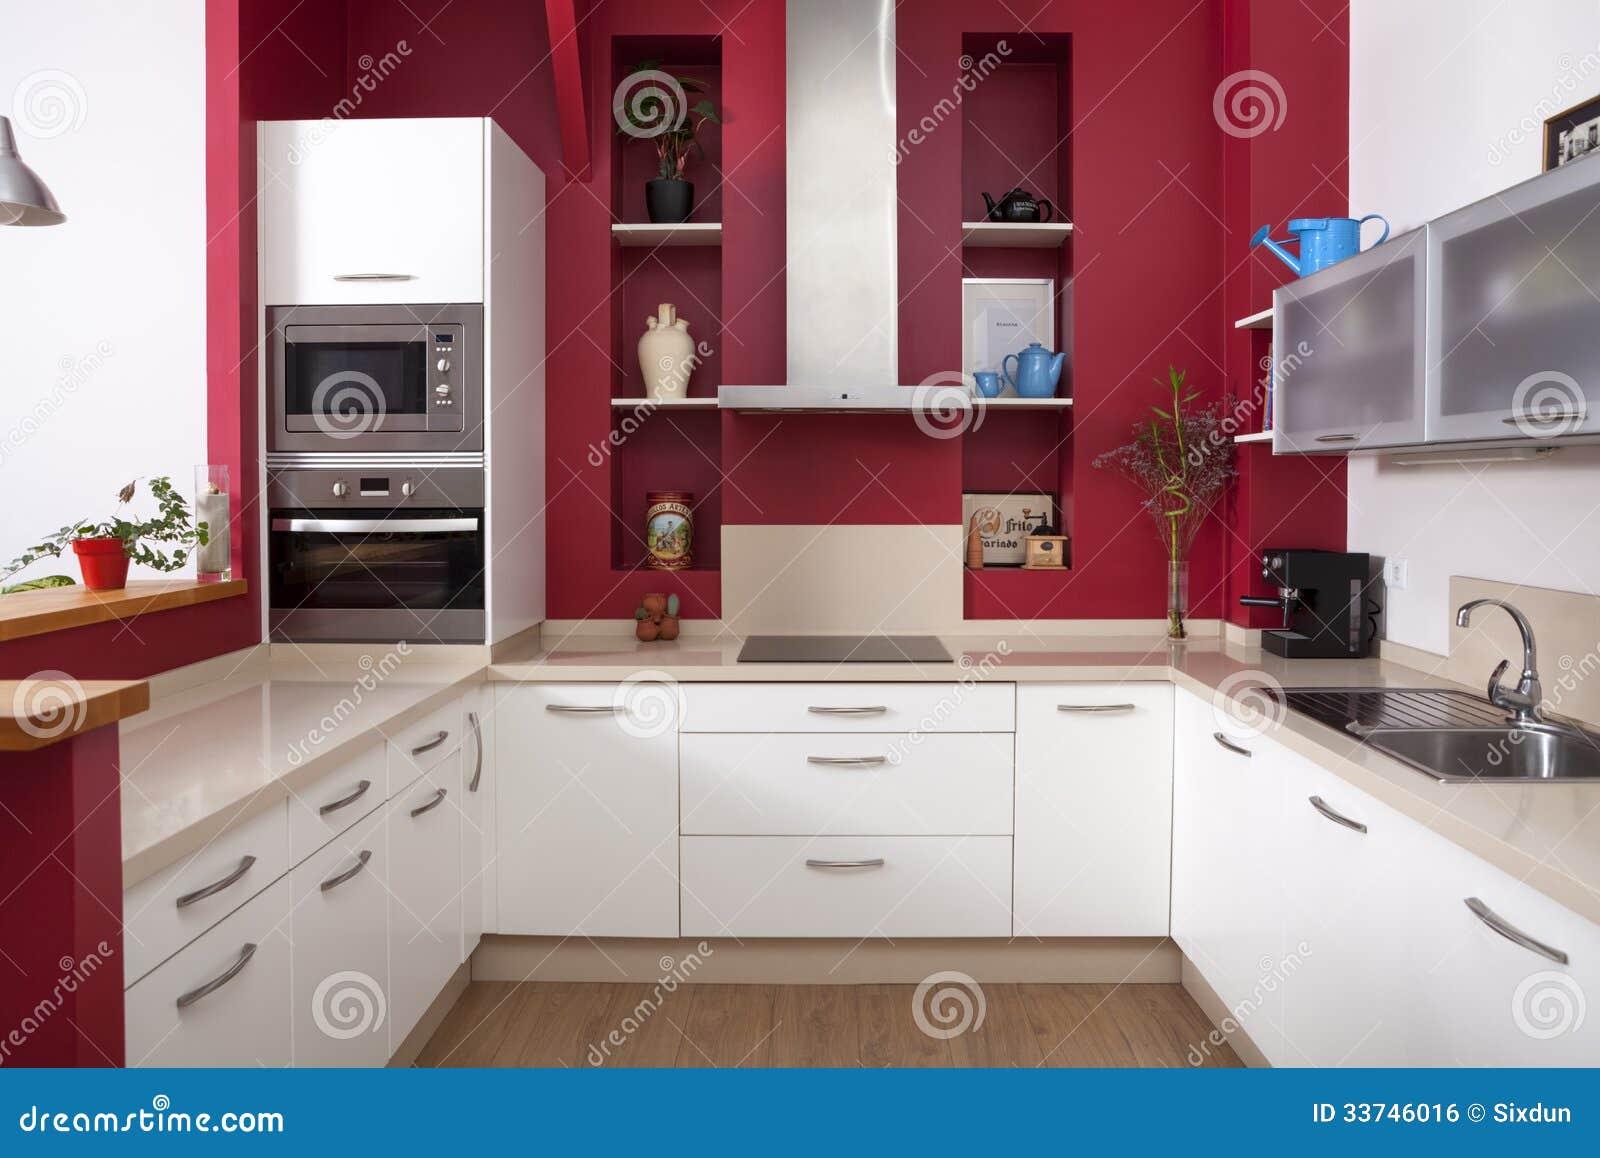 Cucina Moderna Con Le Pareti Rosse Fotografia Stock - Immagine di ...